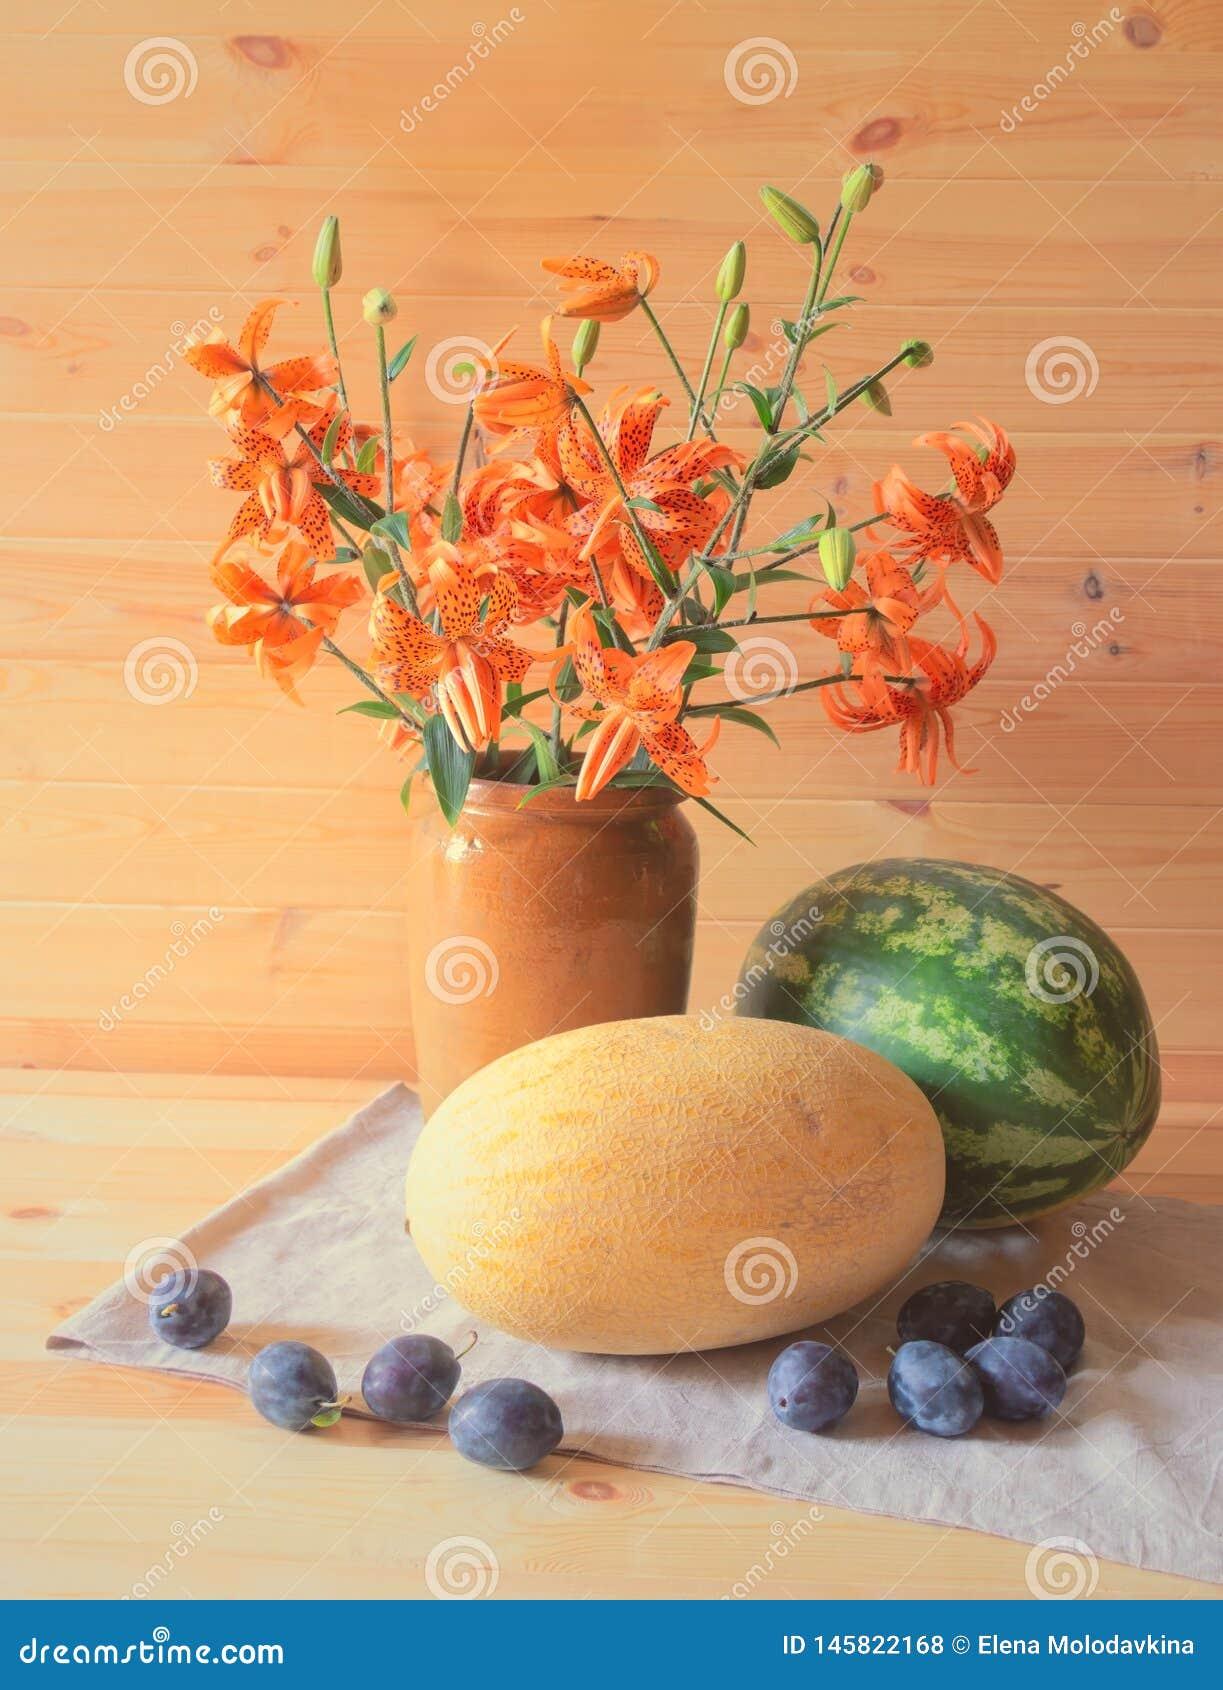 Букет оранжевых лилий, арбуза, дыни и слив близко